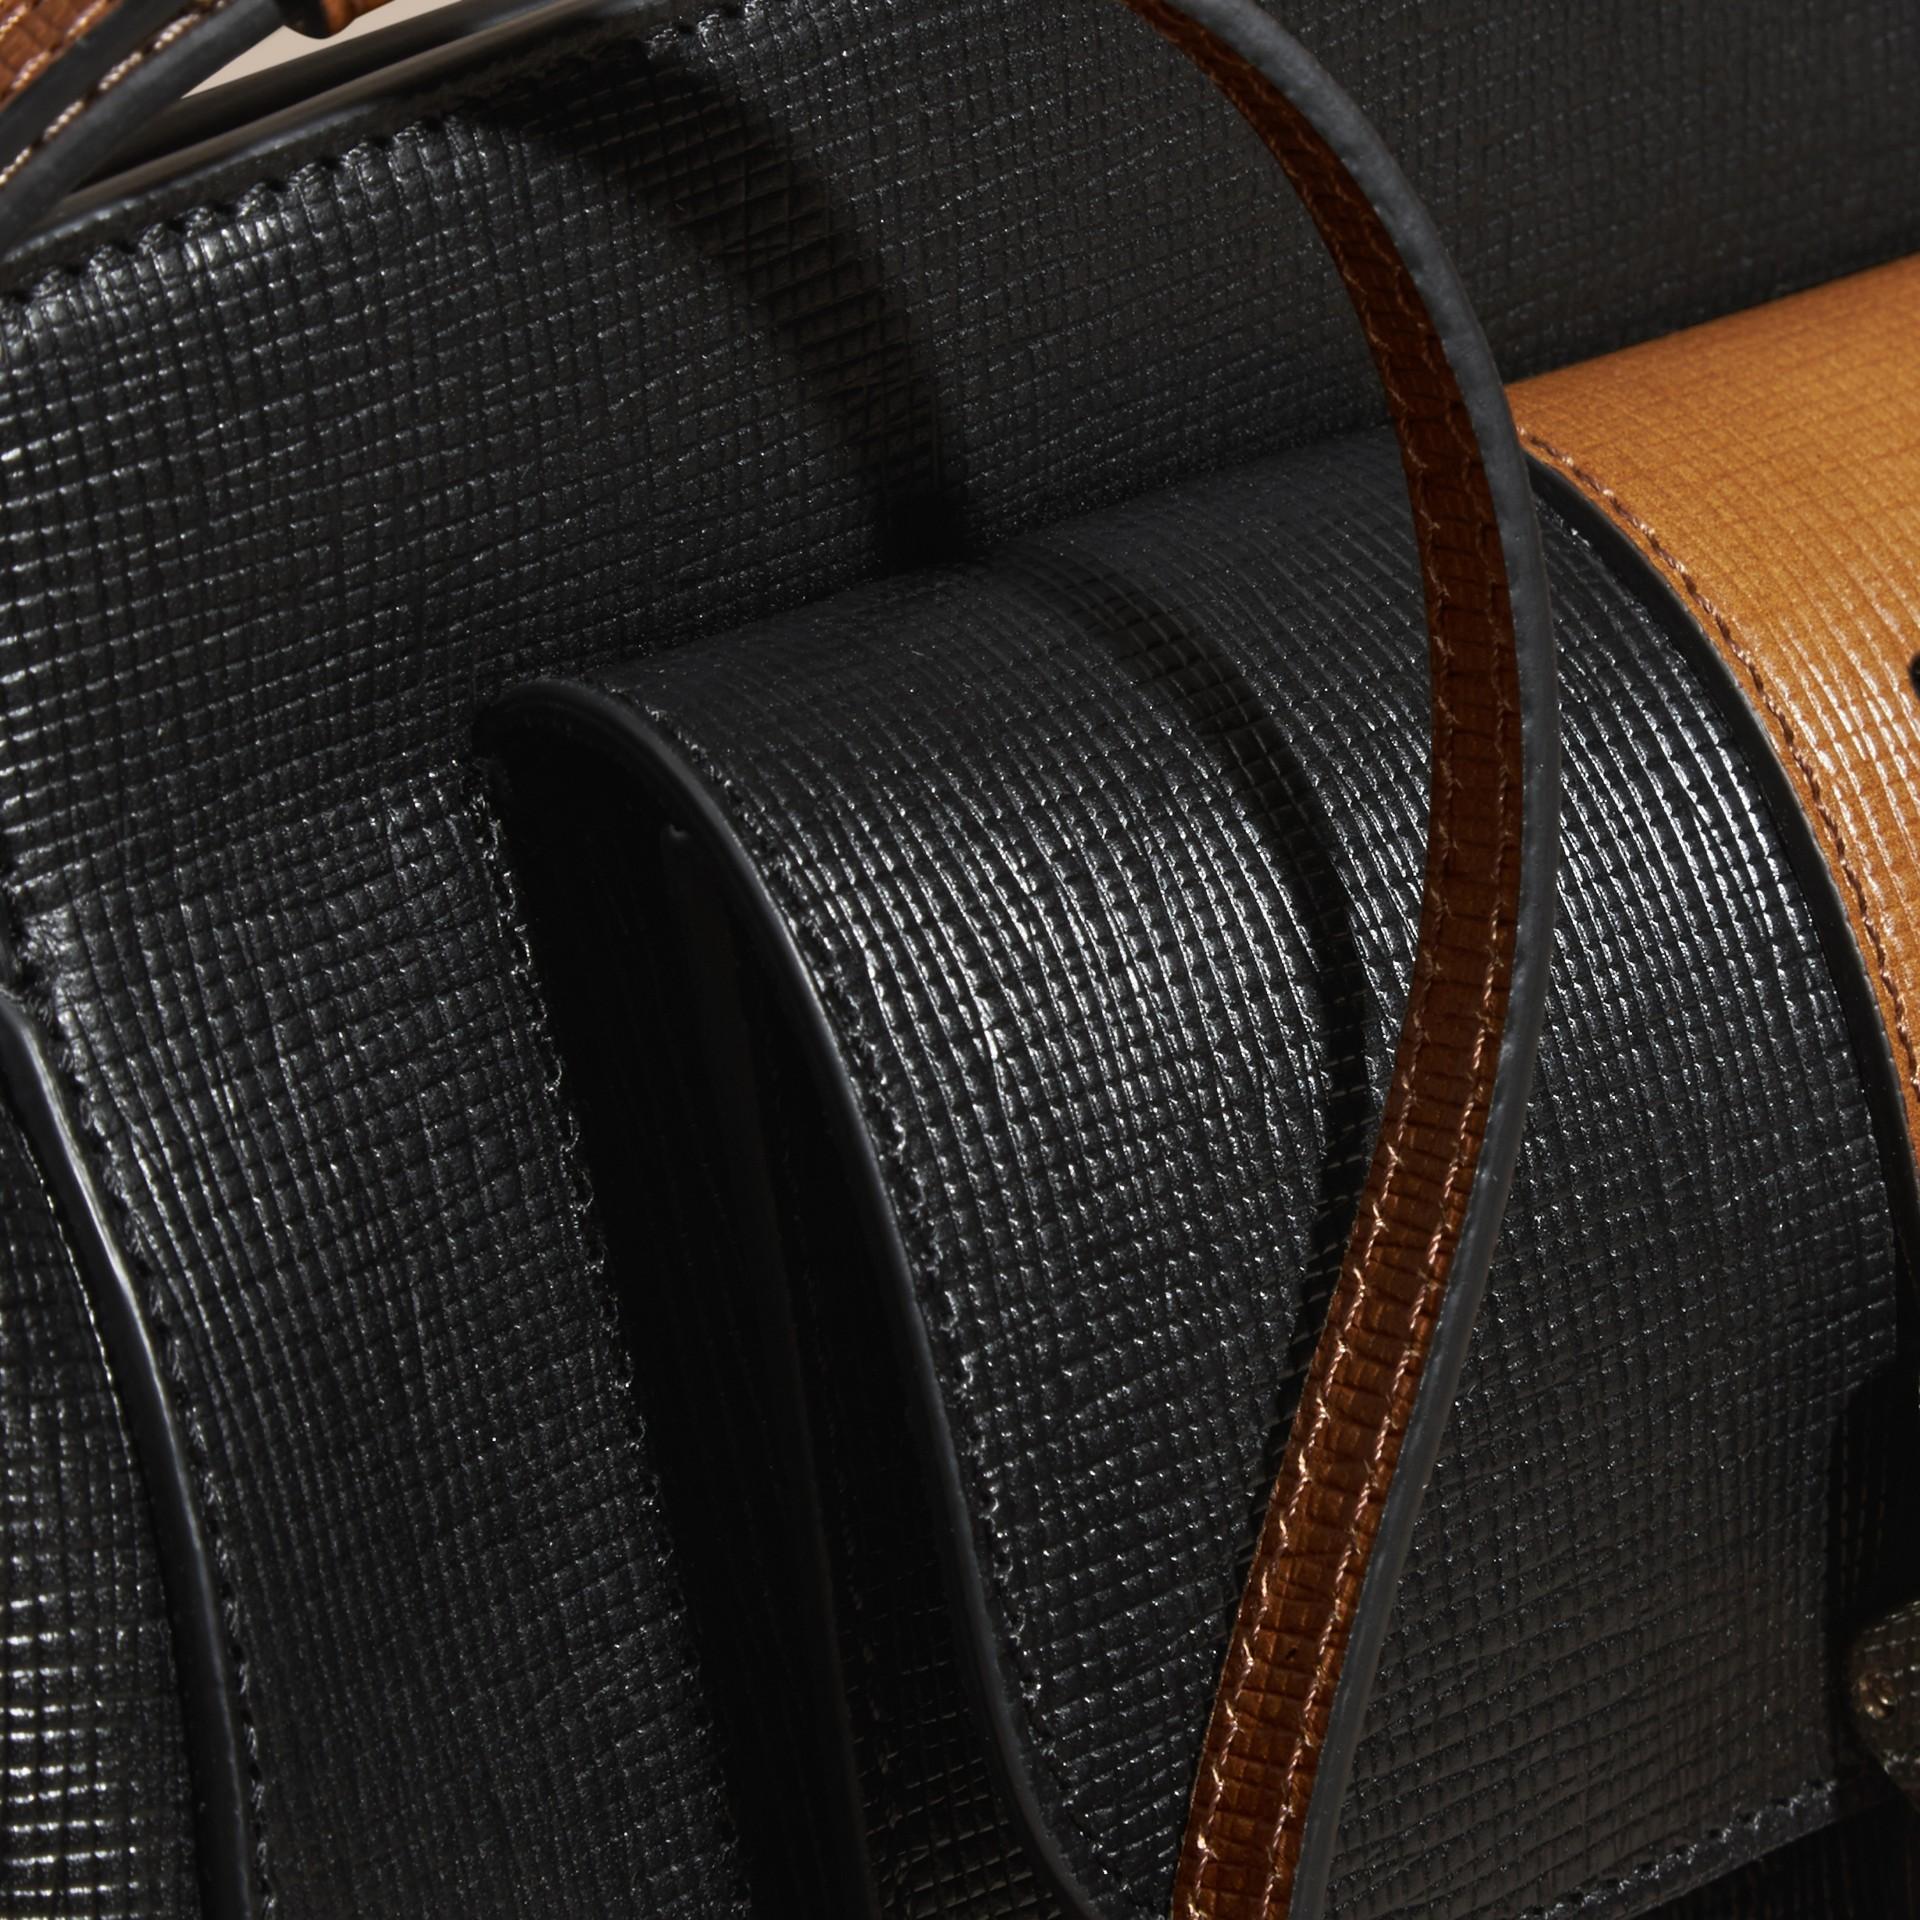 Черный Сумка-клатч Saddle из текстурной кожи - изображение 2